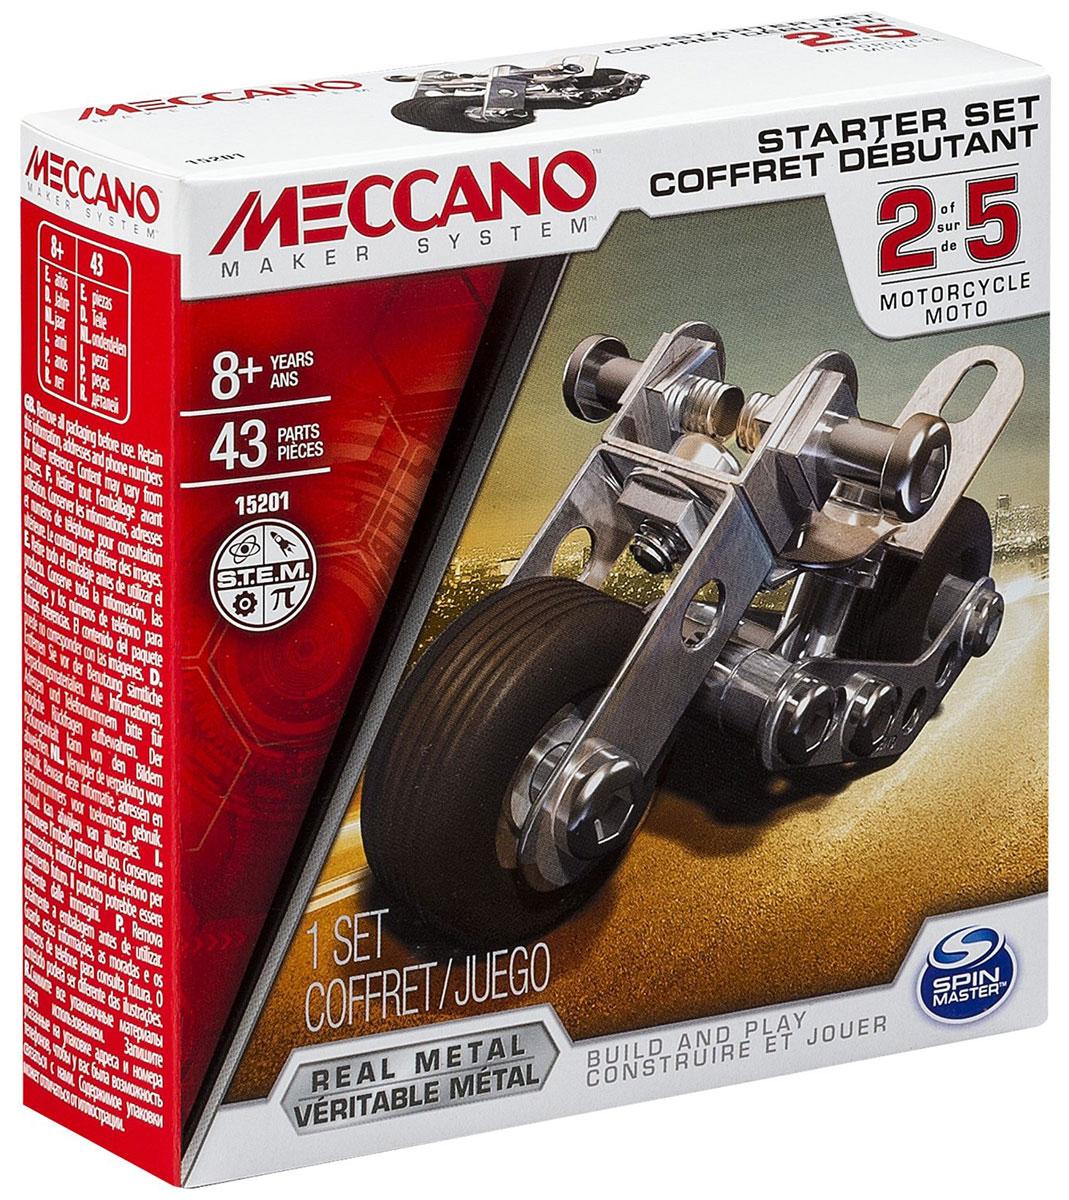 Meccano Конструктор Базовая модель 291783_20070929Конструктор Meccano Базовая модель 2 позволит вашему ребенку весело и с пользой провести время. Базовые наборы созданы для ознакомления с принципами сборки конструкторов Meccano. Набор включает в себя 43 элемента из металла, пластика и резины, с помощью которых можно собрать модель в виде мотоцикла. В набор также входят все необходимые для сборки инструменты и схематичная инструкция. Конструктор Meccano Базовая модель 2 поможет ребенку развить мелкую моторику рук, координацию движений и усидчивость.